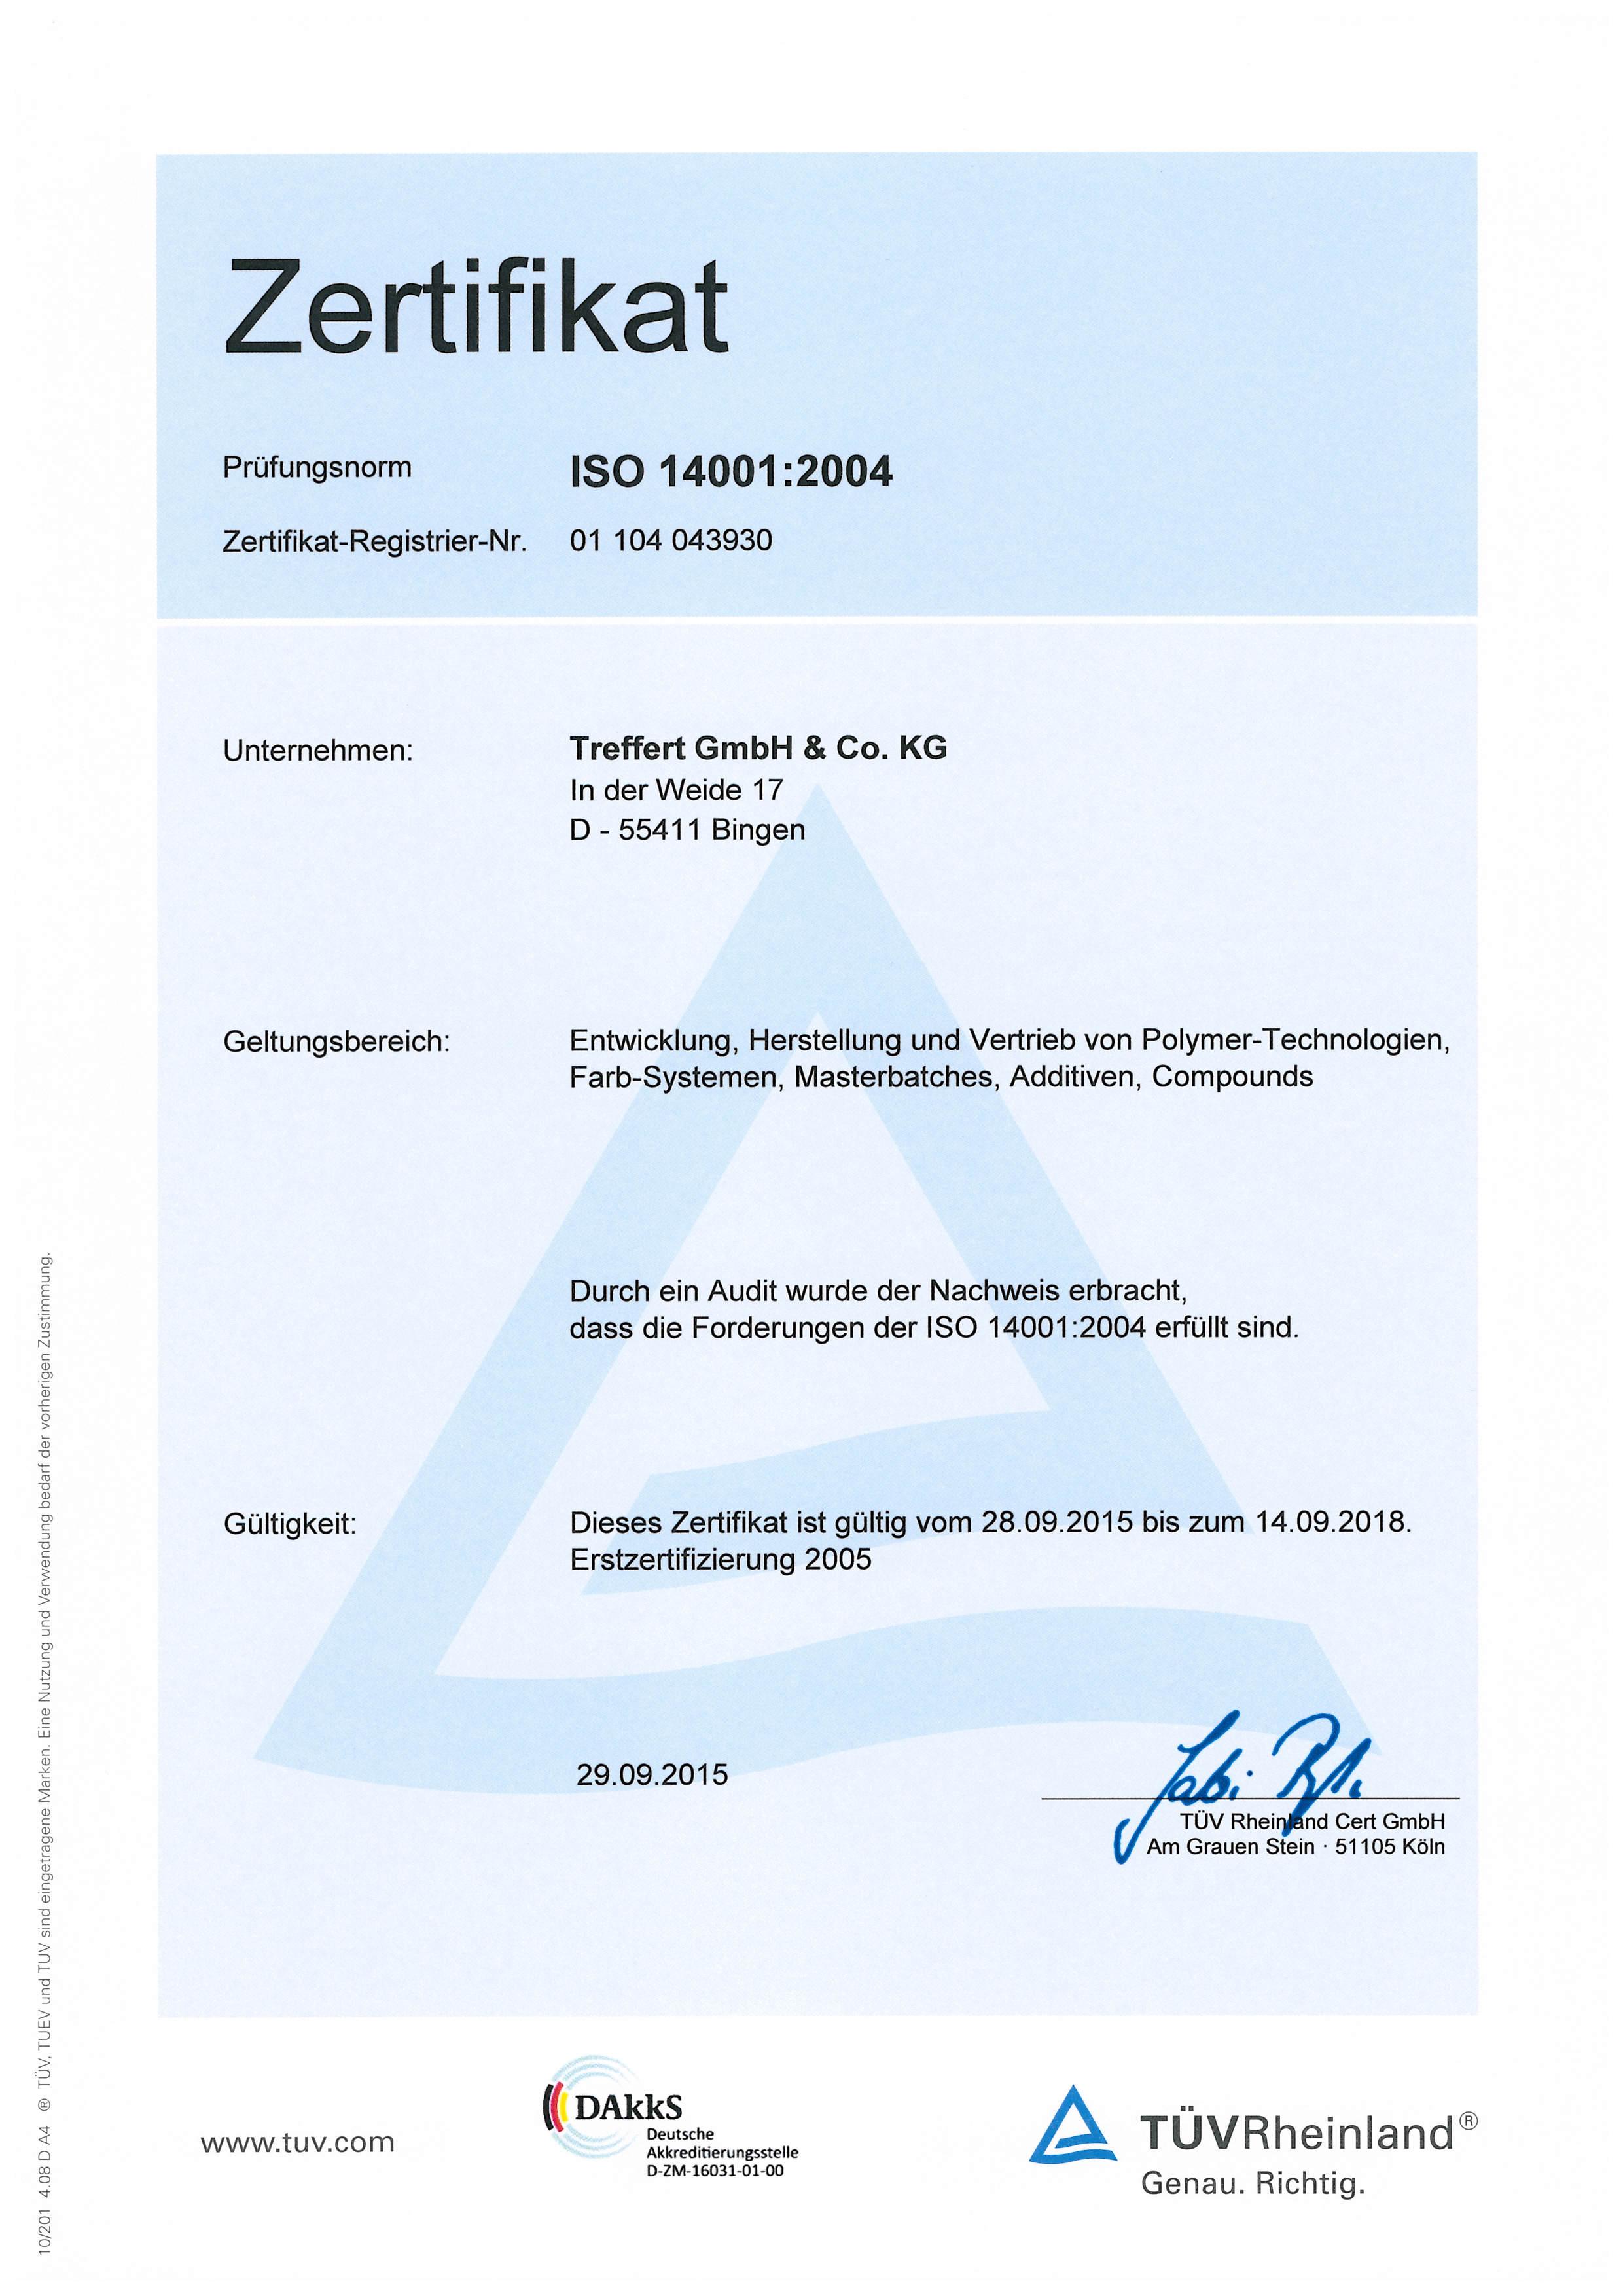 Treffert Zertifikat DIN EN ISO 14001